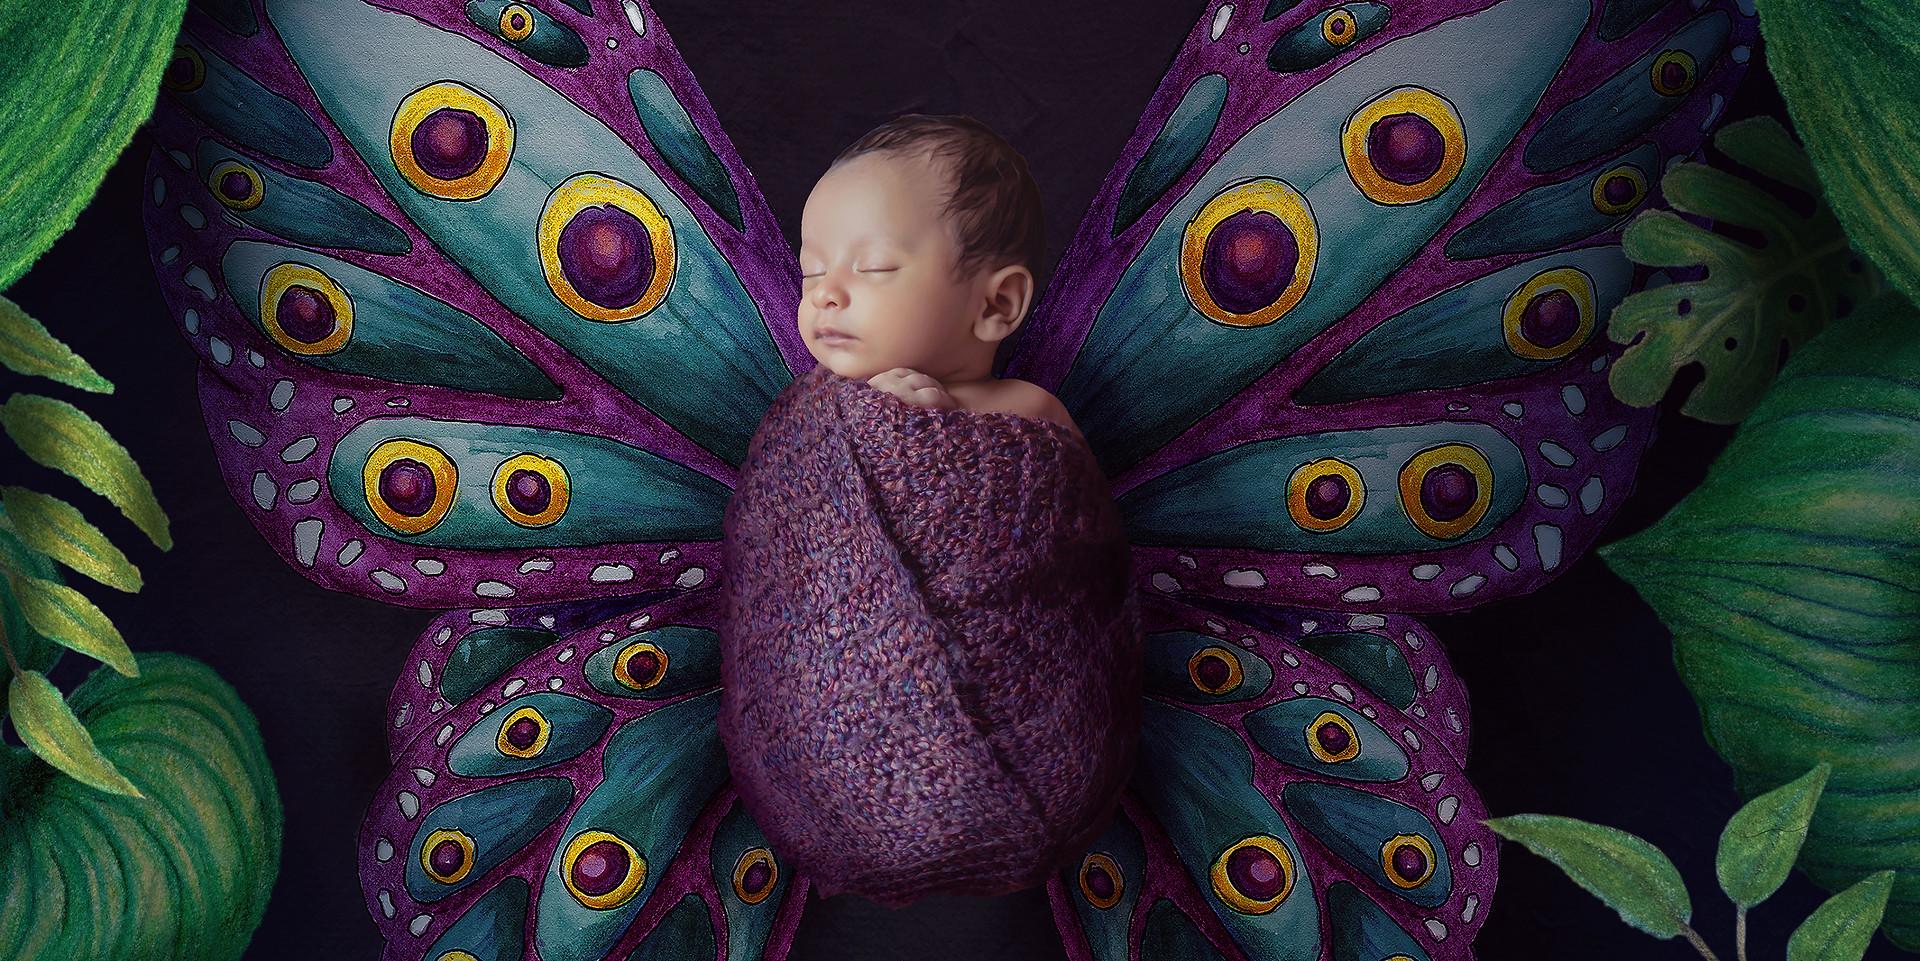 Baby Butterfly WM Sml.jpg